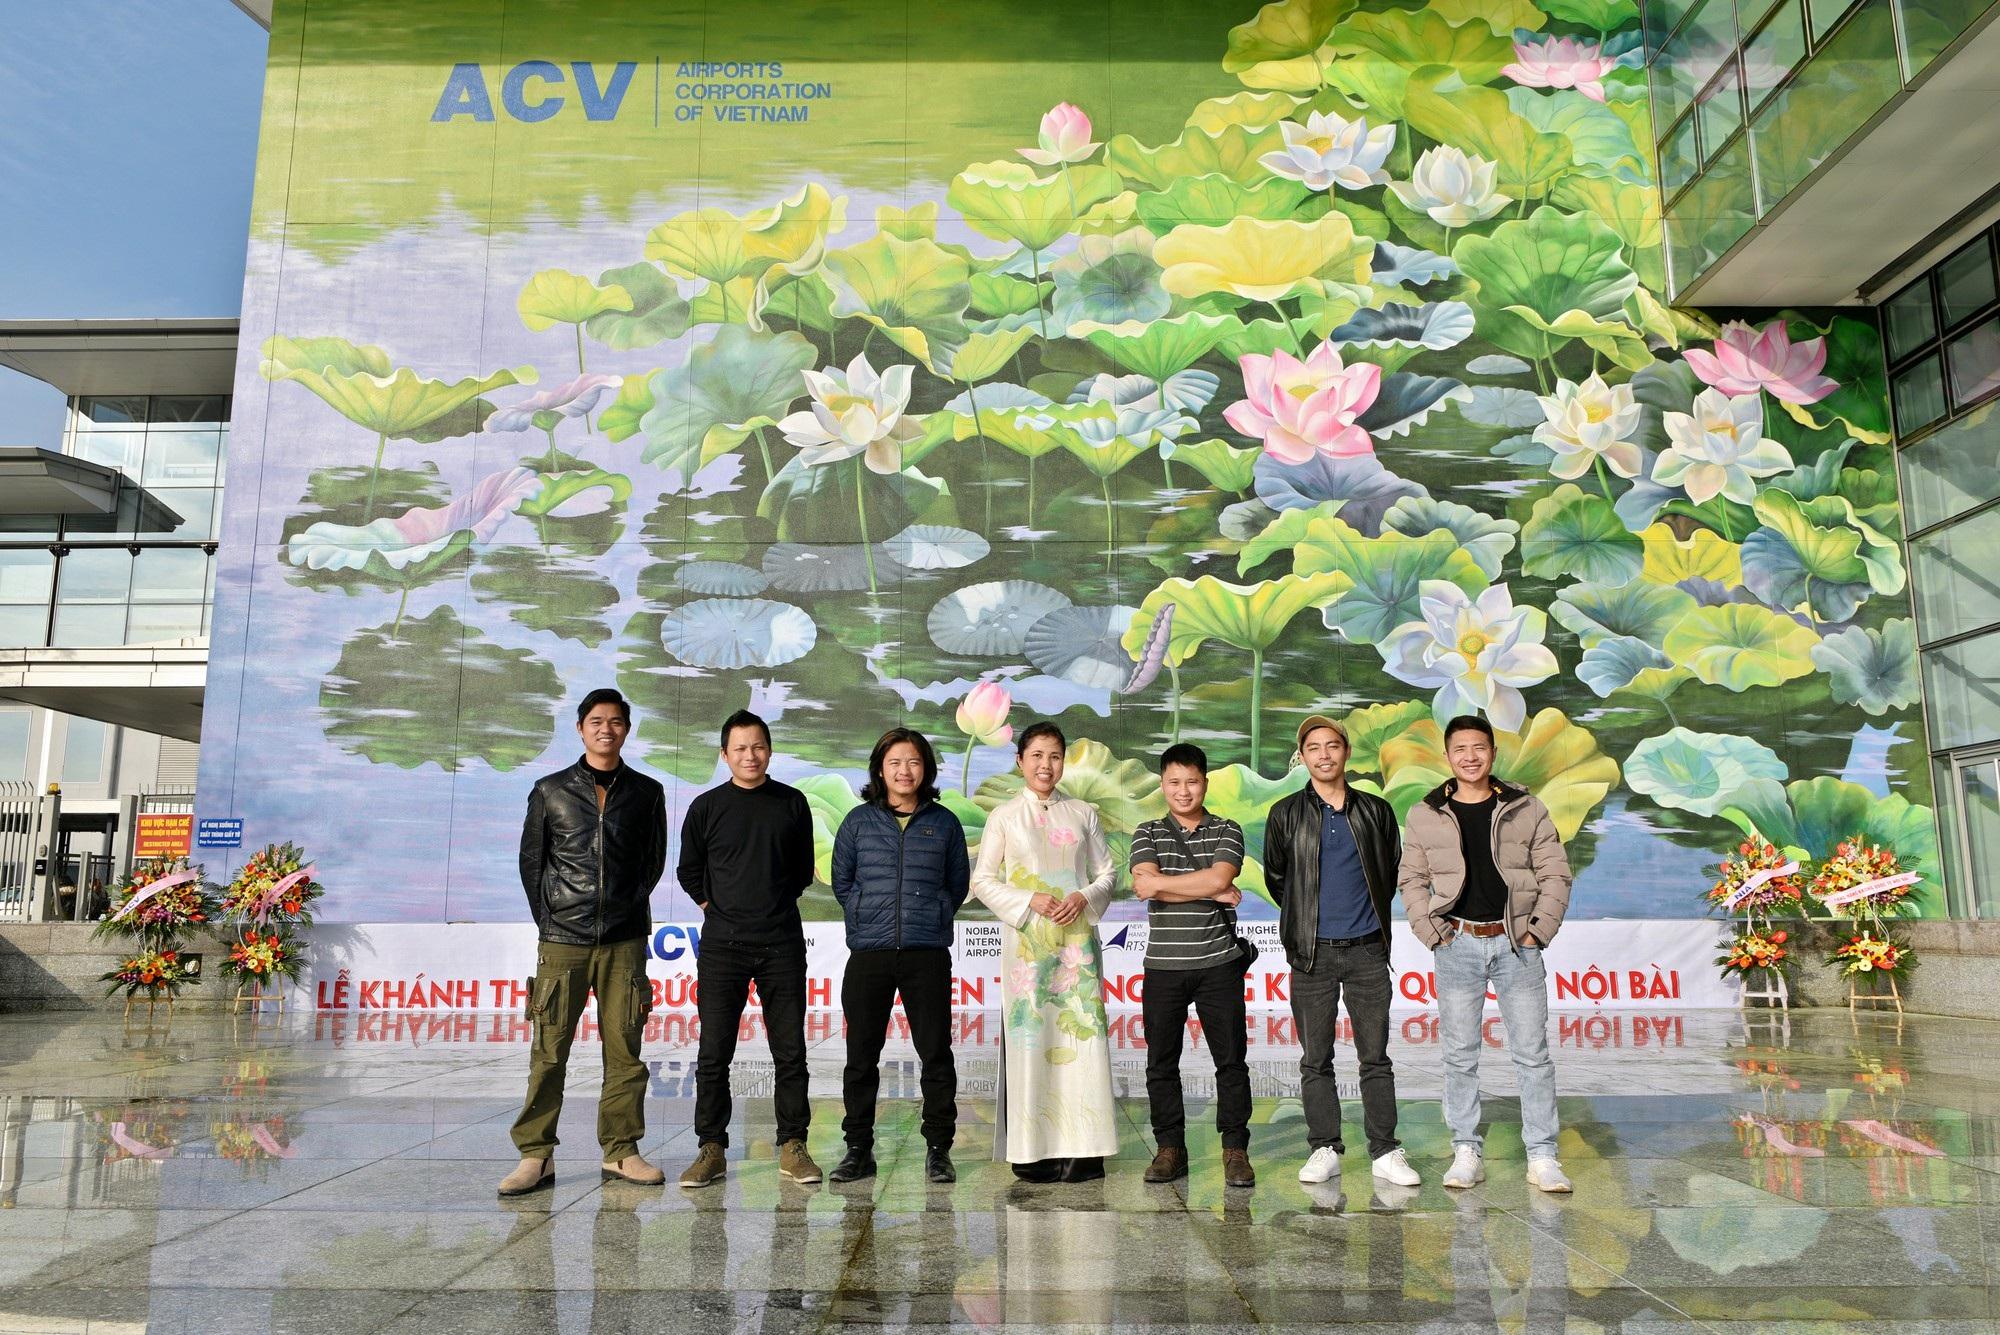 Ngỡ ngàng trước hai bức tranh hoa sen khổng lồ tại sân bay Nội Bài - Ảnh 6.